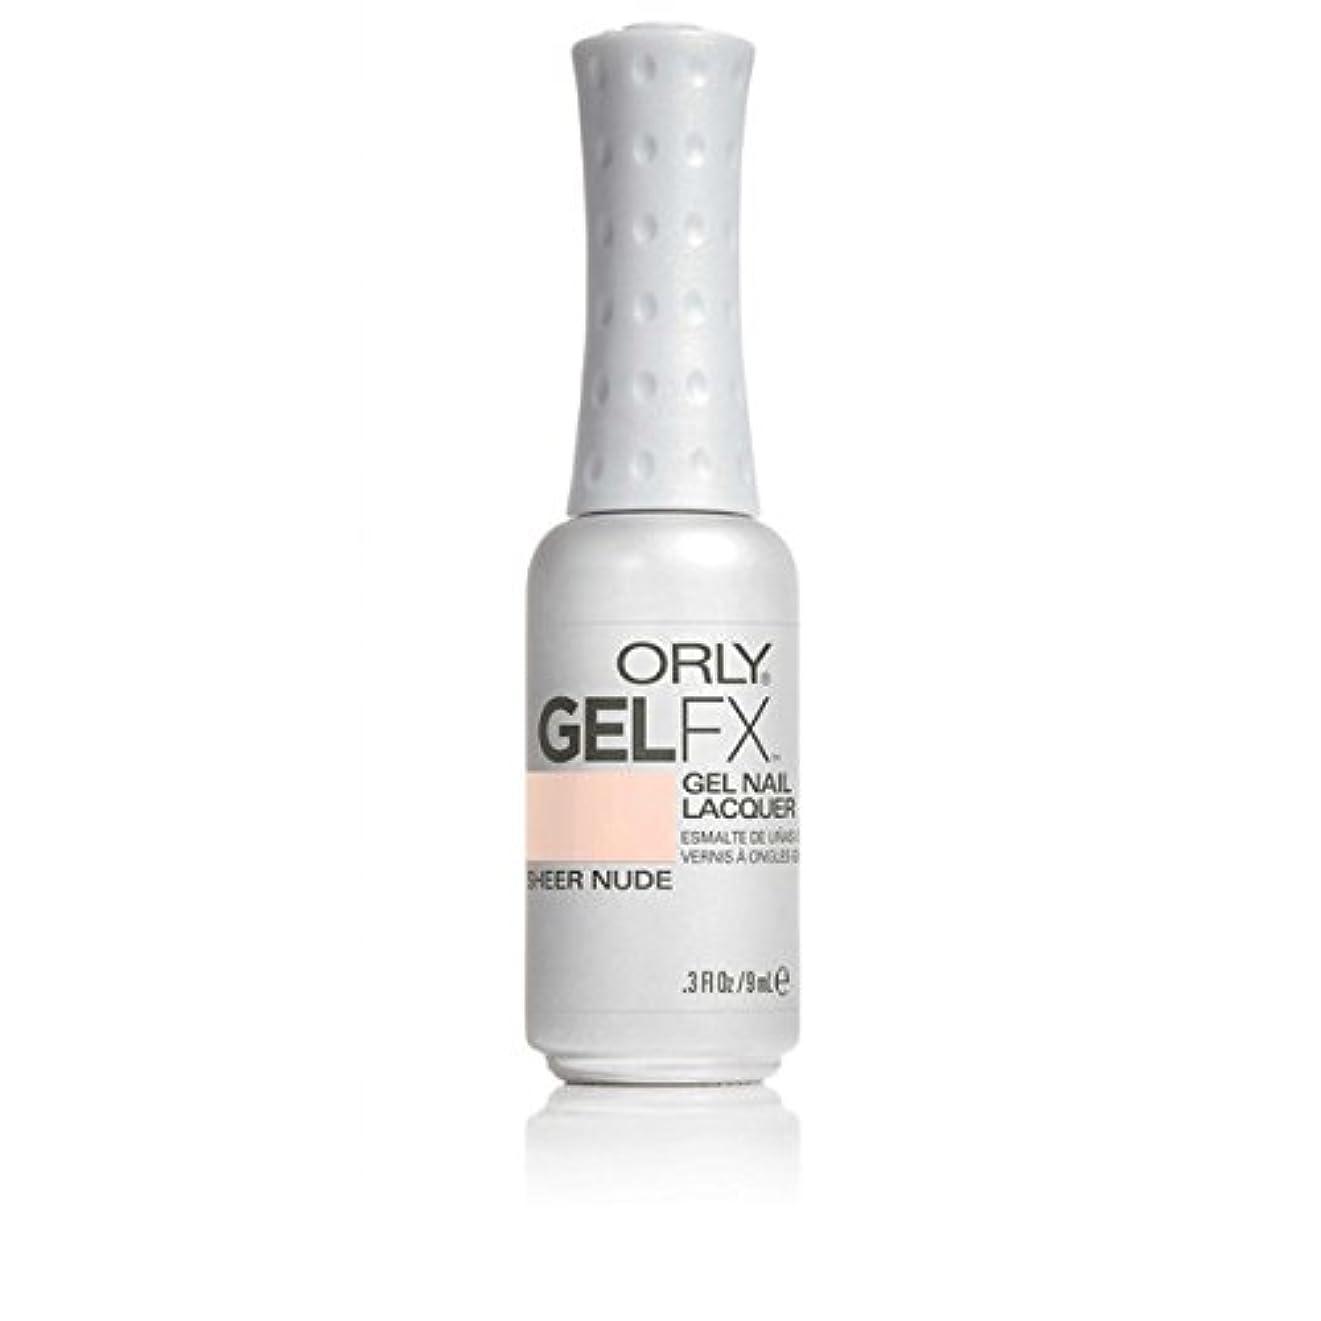 輸血海嶺消毒剤ORLY(オーリー)ジェルFXジェルネイルラッカー 9ml シアーヌード#32479